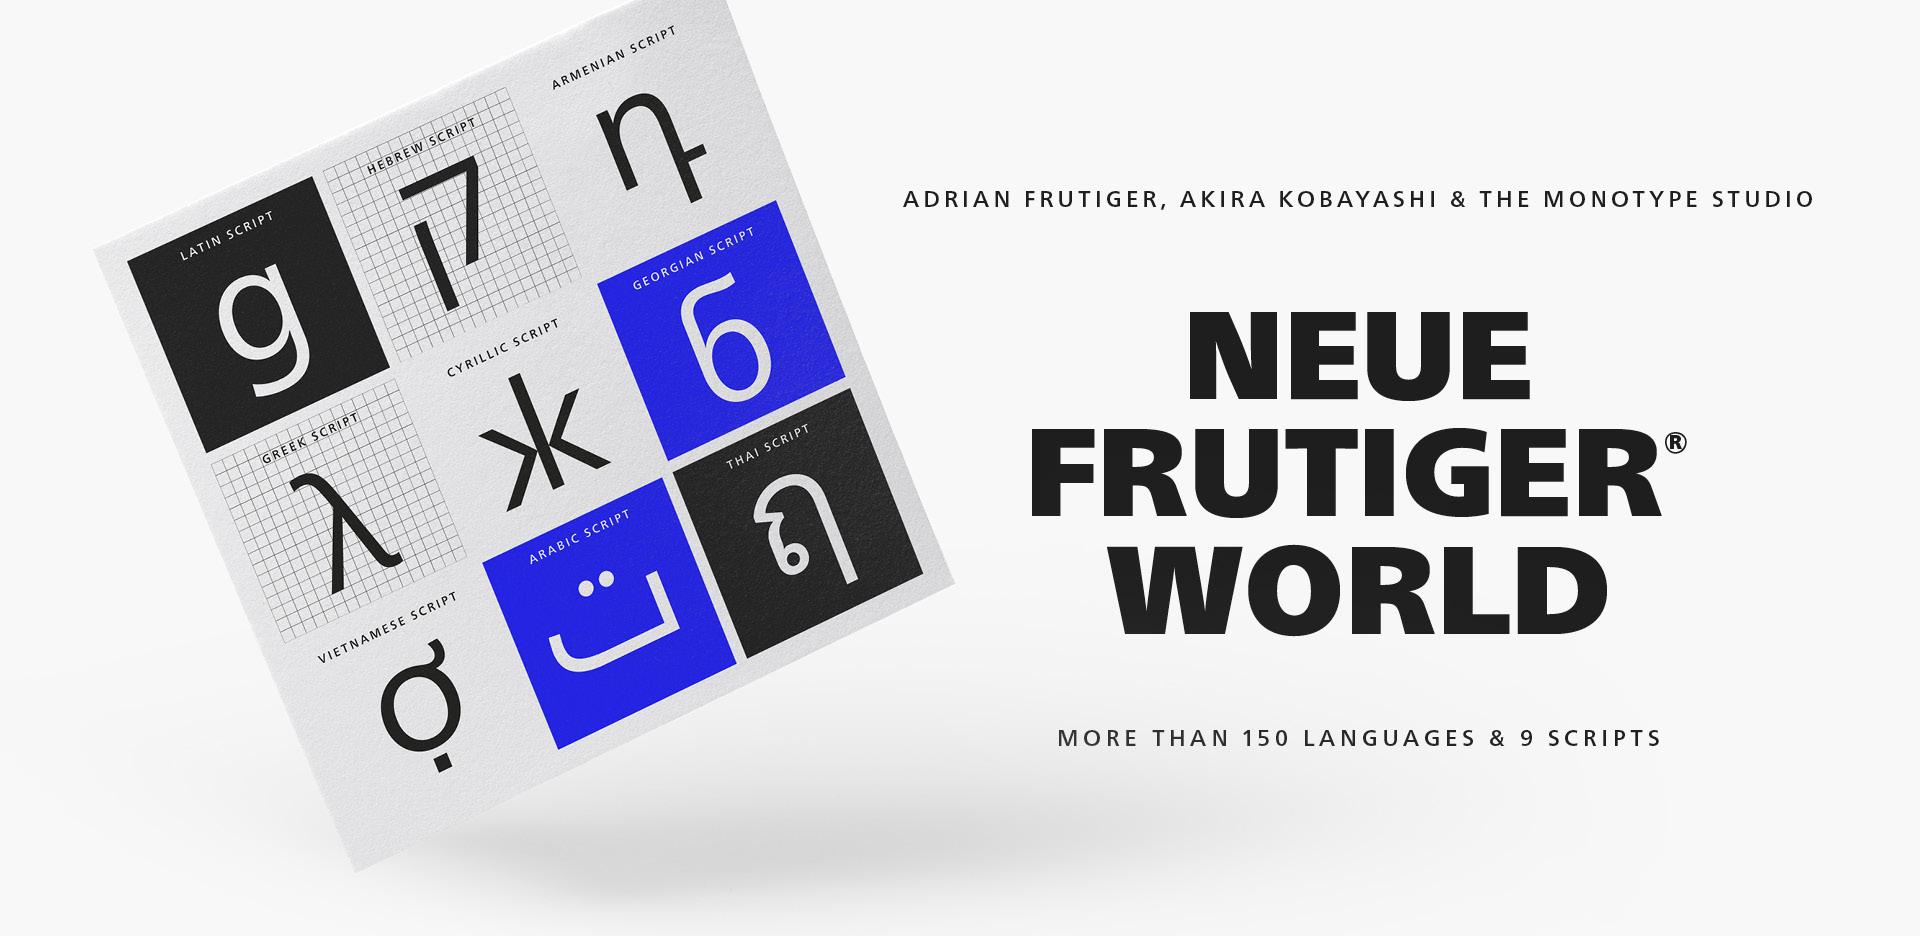 frutiger-world